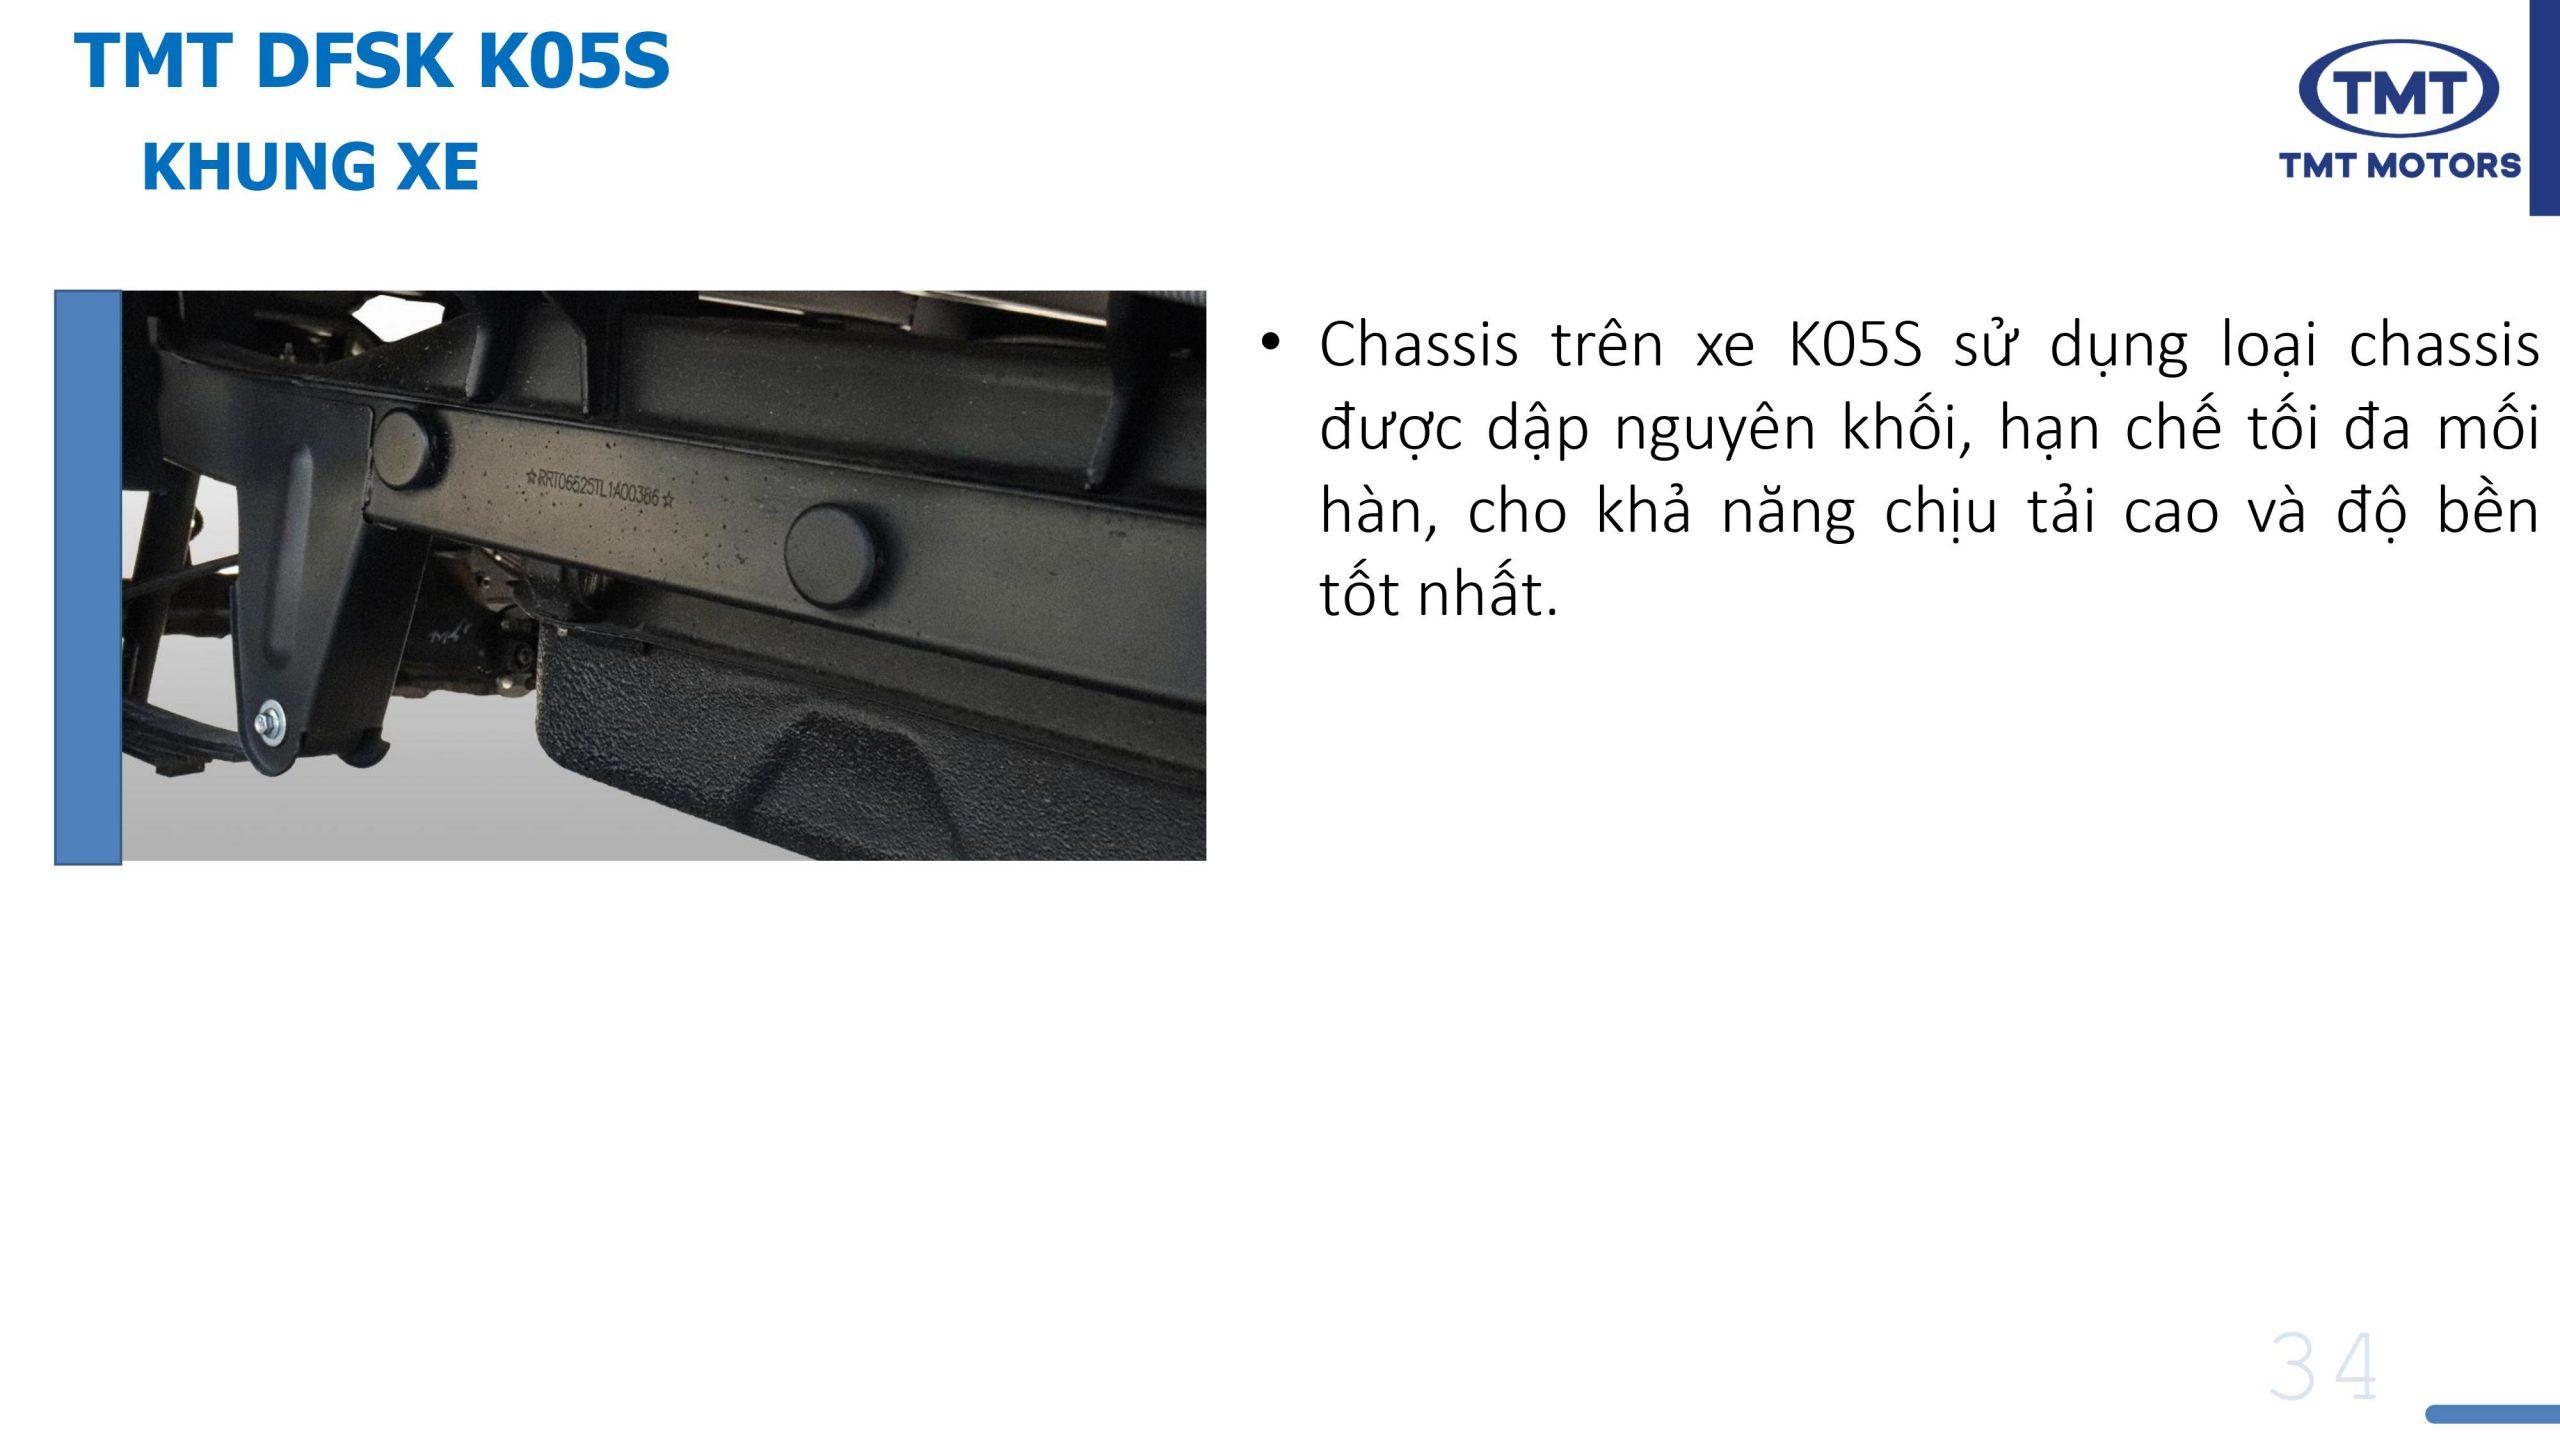 Chassis trên xe K05S sử dụng loại chassis được dập nguyên khối, hạn chế tối đa mối hàn, cho khả năng chịu tải cao và độ bền tốt nhất.